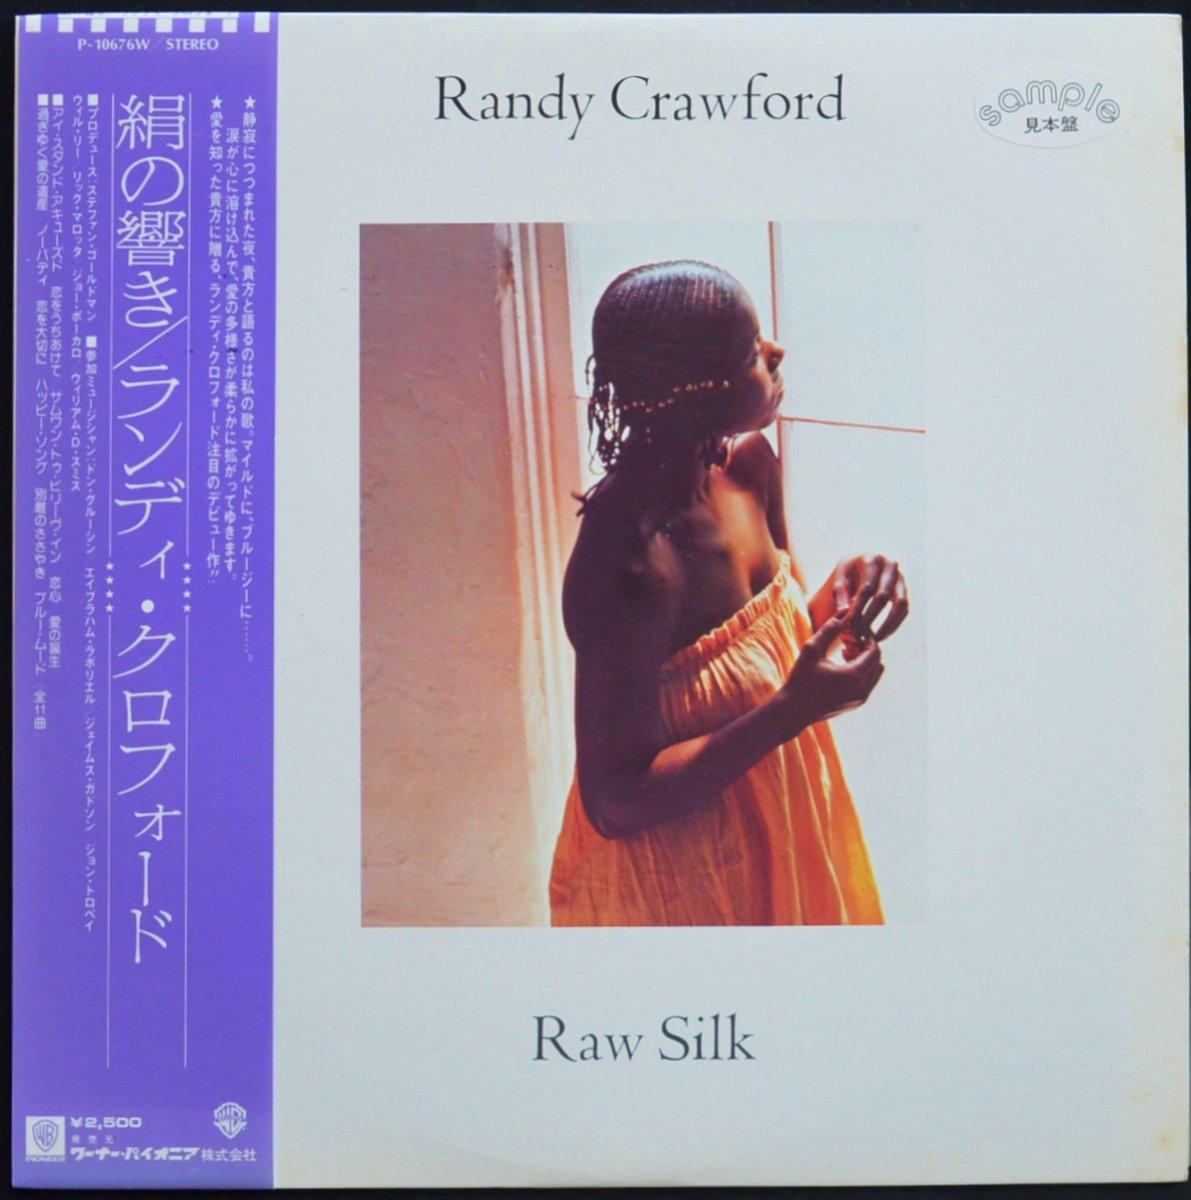 ランディ・クロフォード RANDY CRAWFORD / 絹の響き RAW SILK (LP)